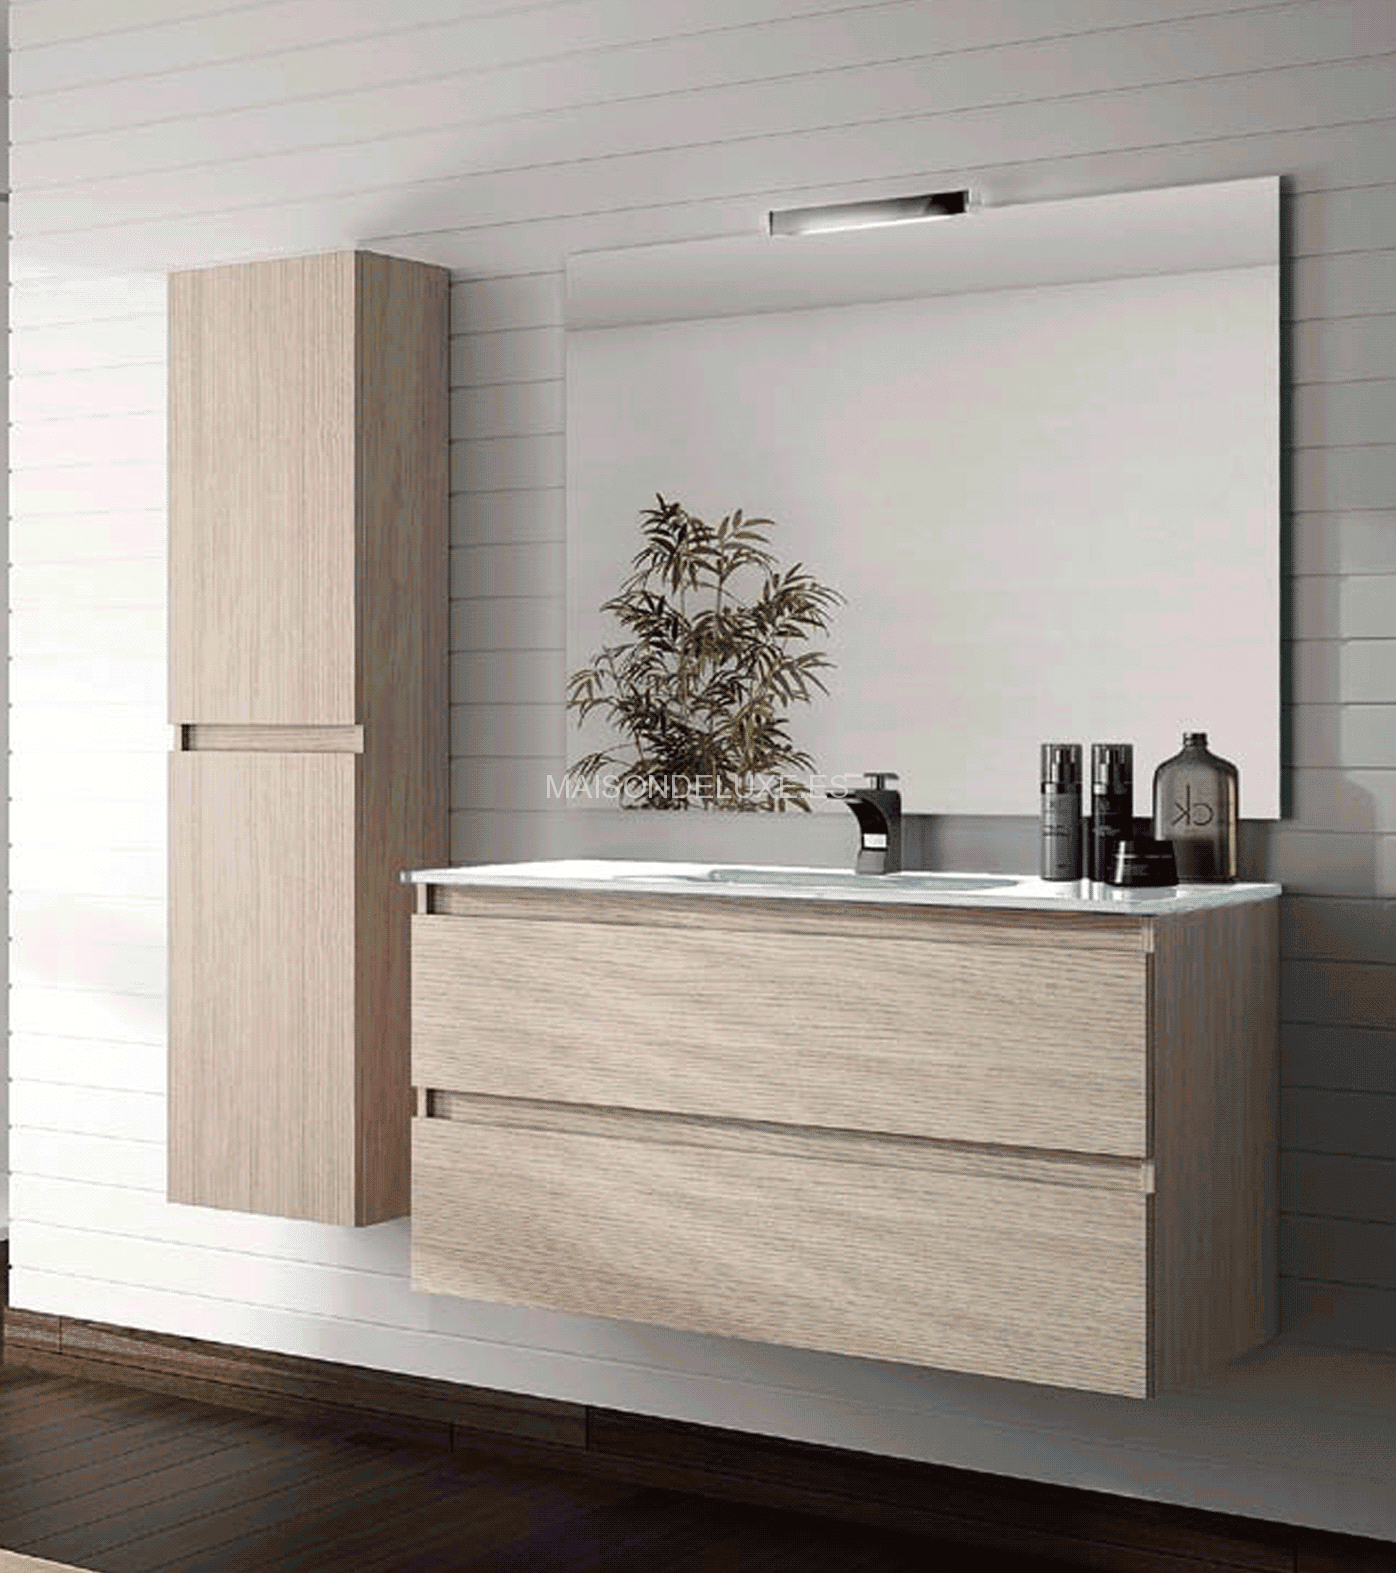 Mueble De Ba O Box De Viso Bath De Excelente Relaci N Calidad Precio  # Mueble De Lavabo